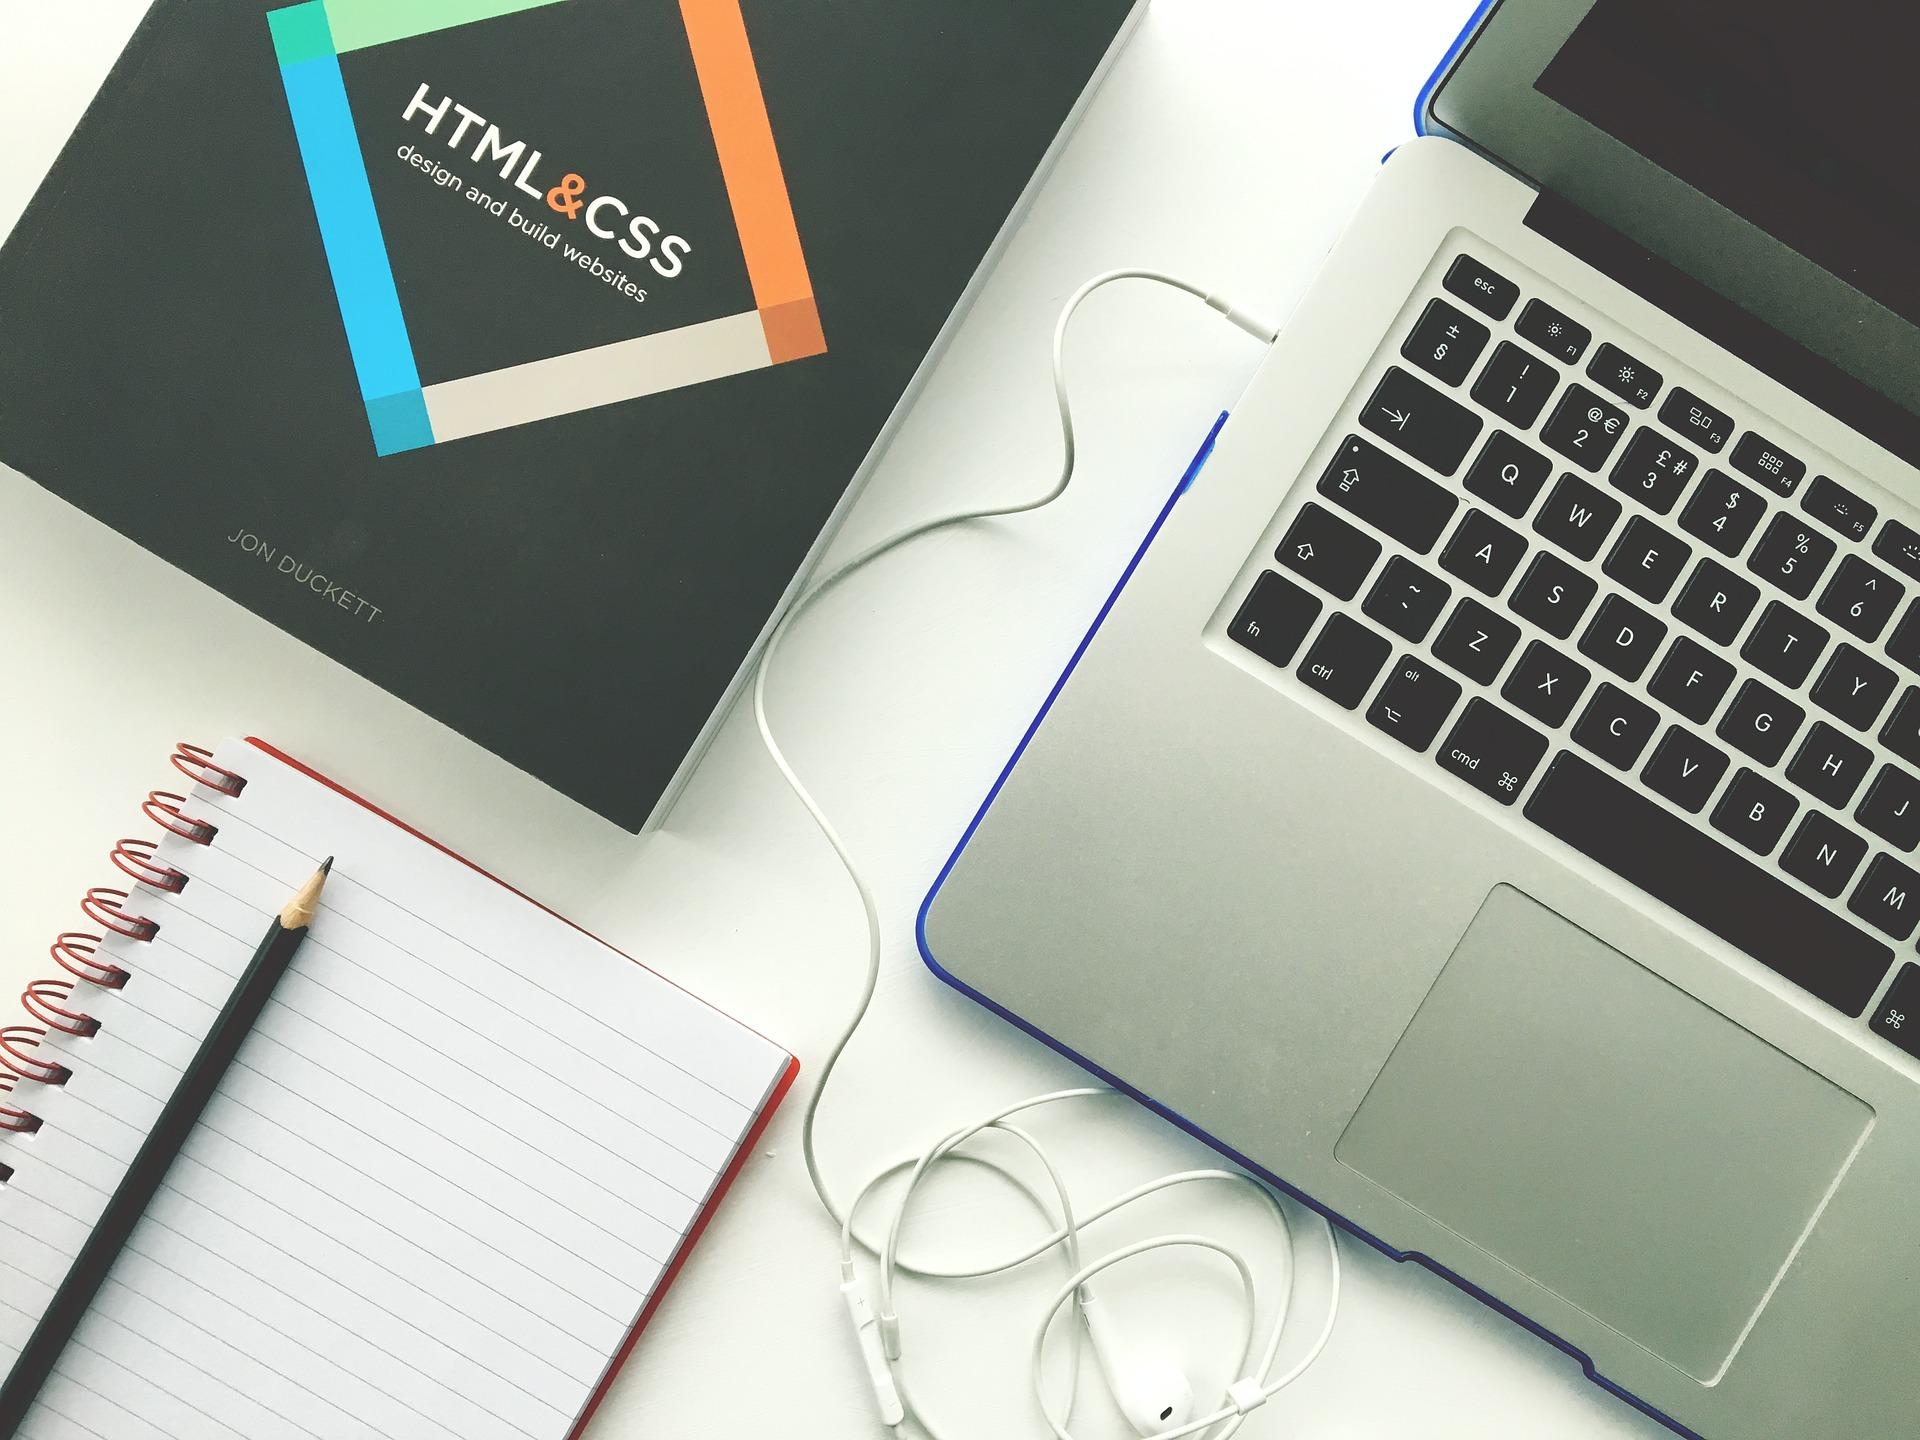 طراحی و بهینه سازی (سئو) سایت